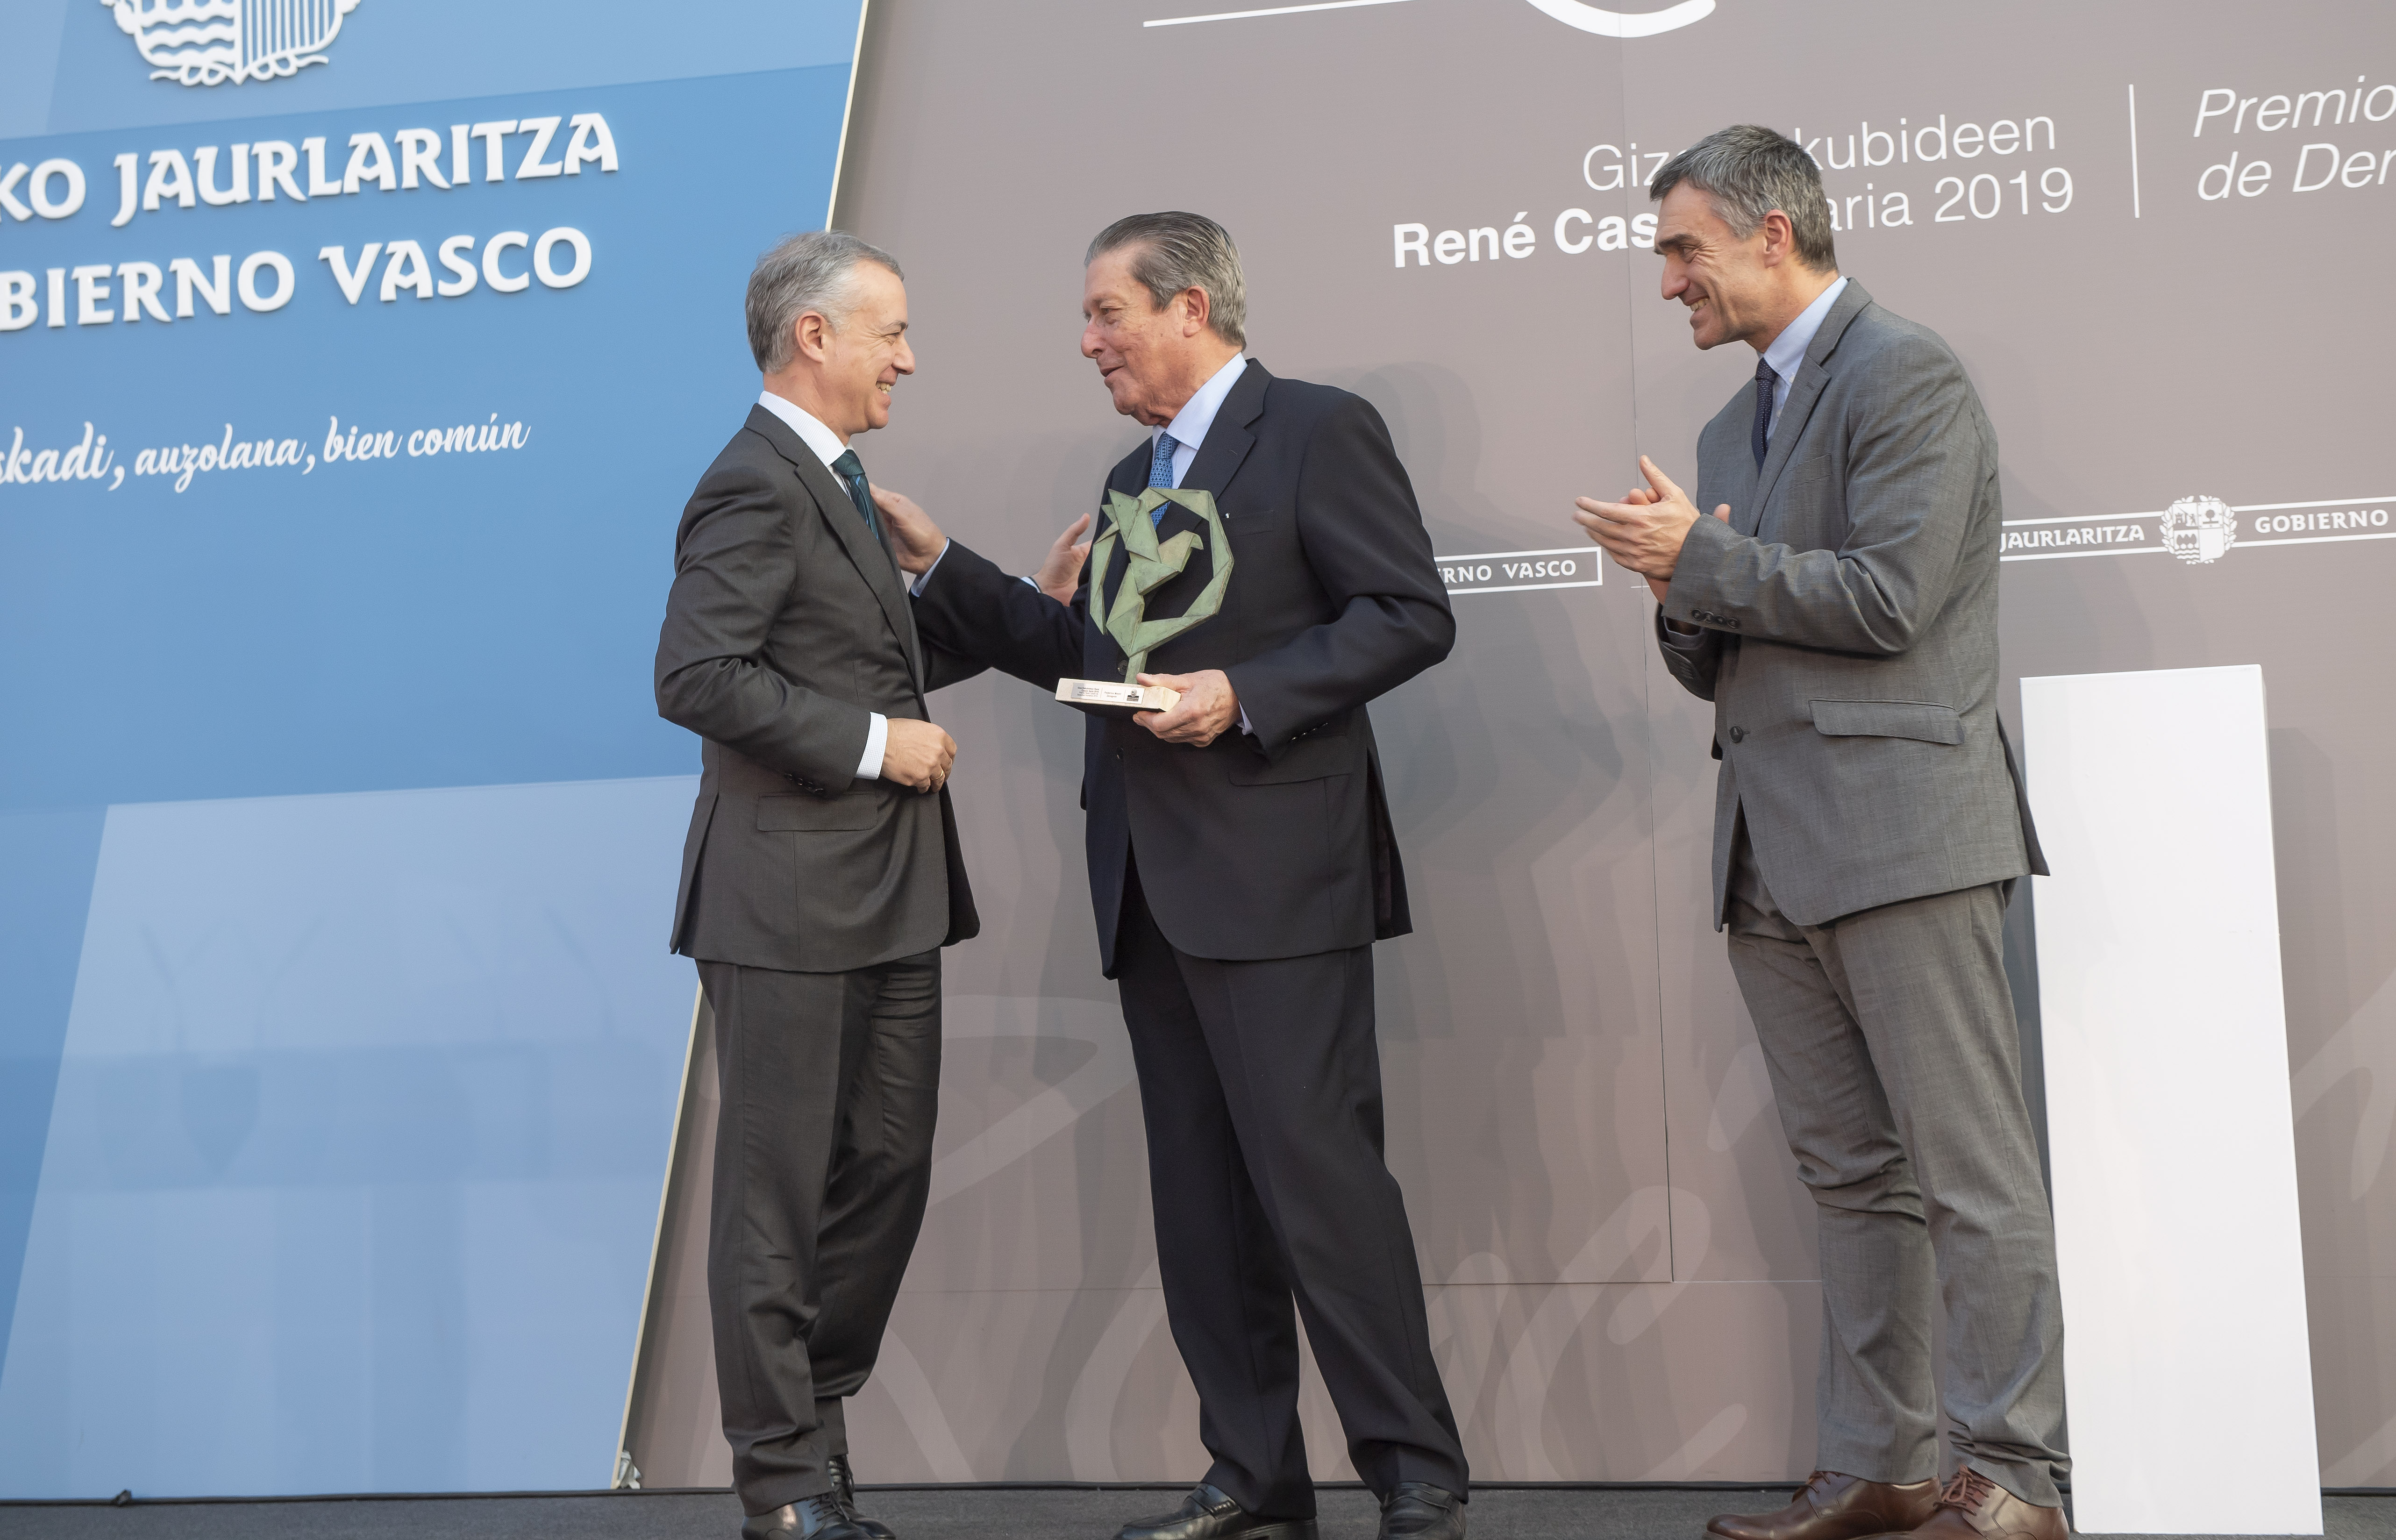 El Lehendakari entrega el Premio René Cassin 2019 a Federico Mayor Zaragoza por su contribución a la Paz, la Educación y los Derechos Humanos